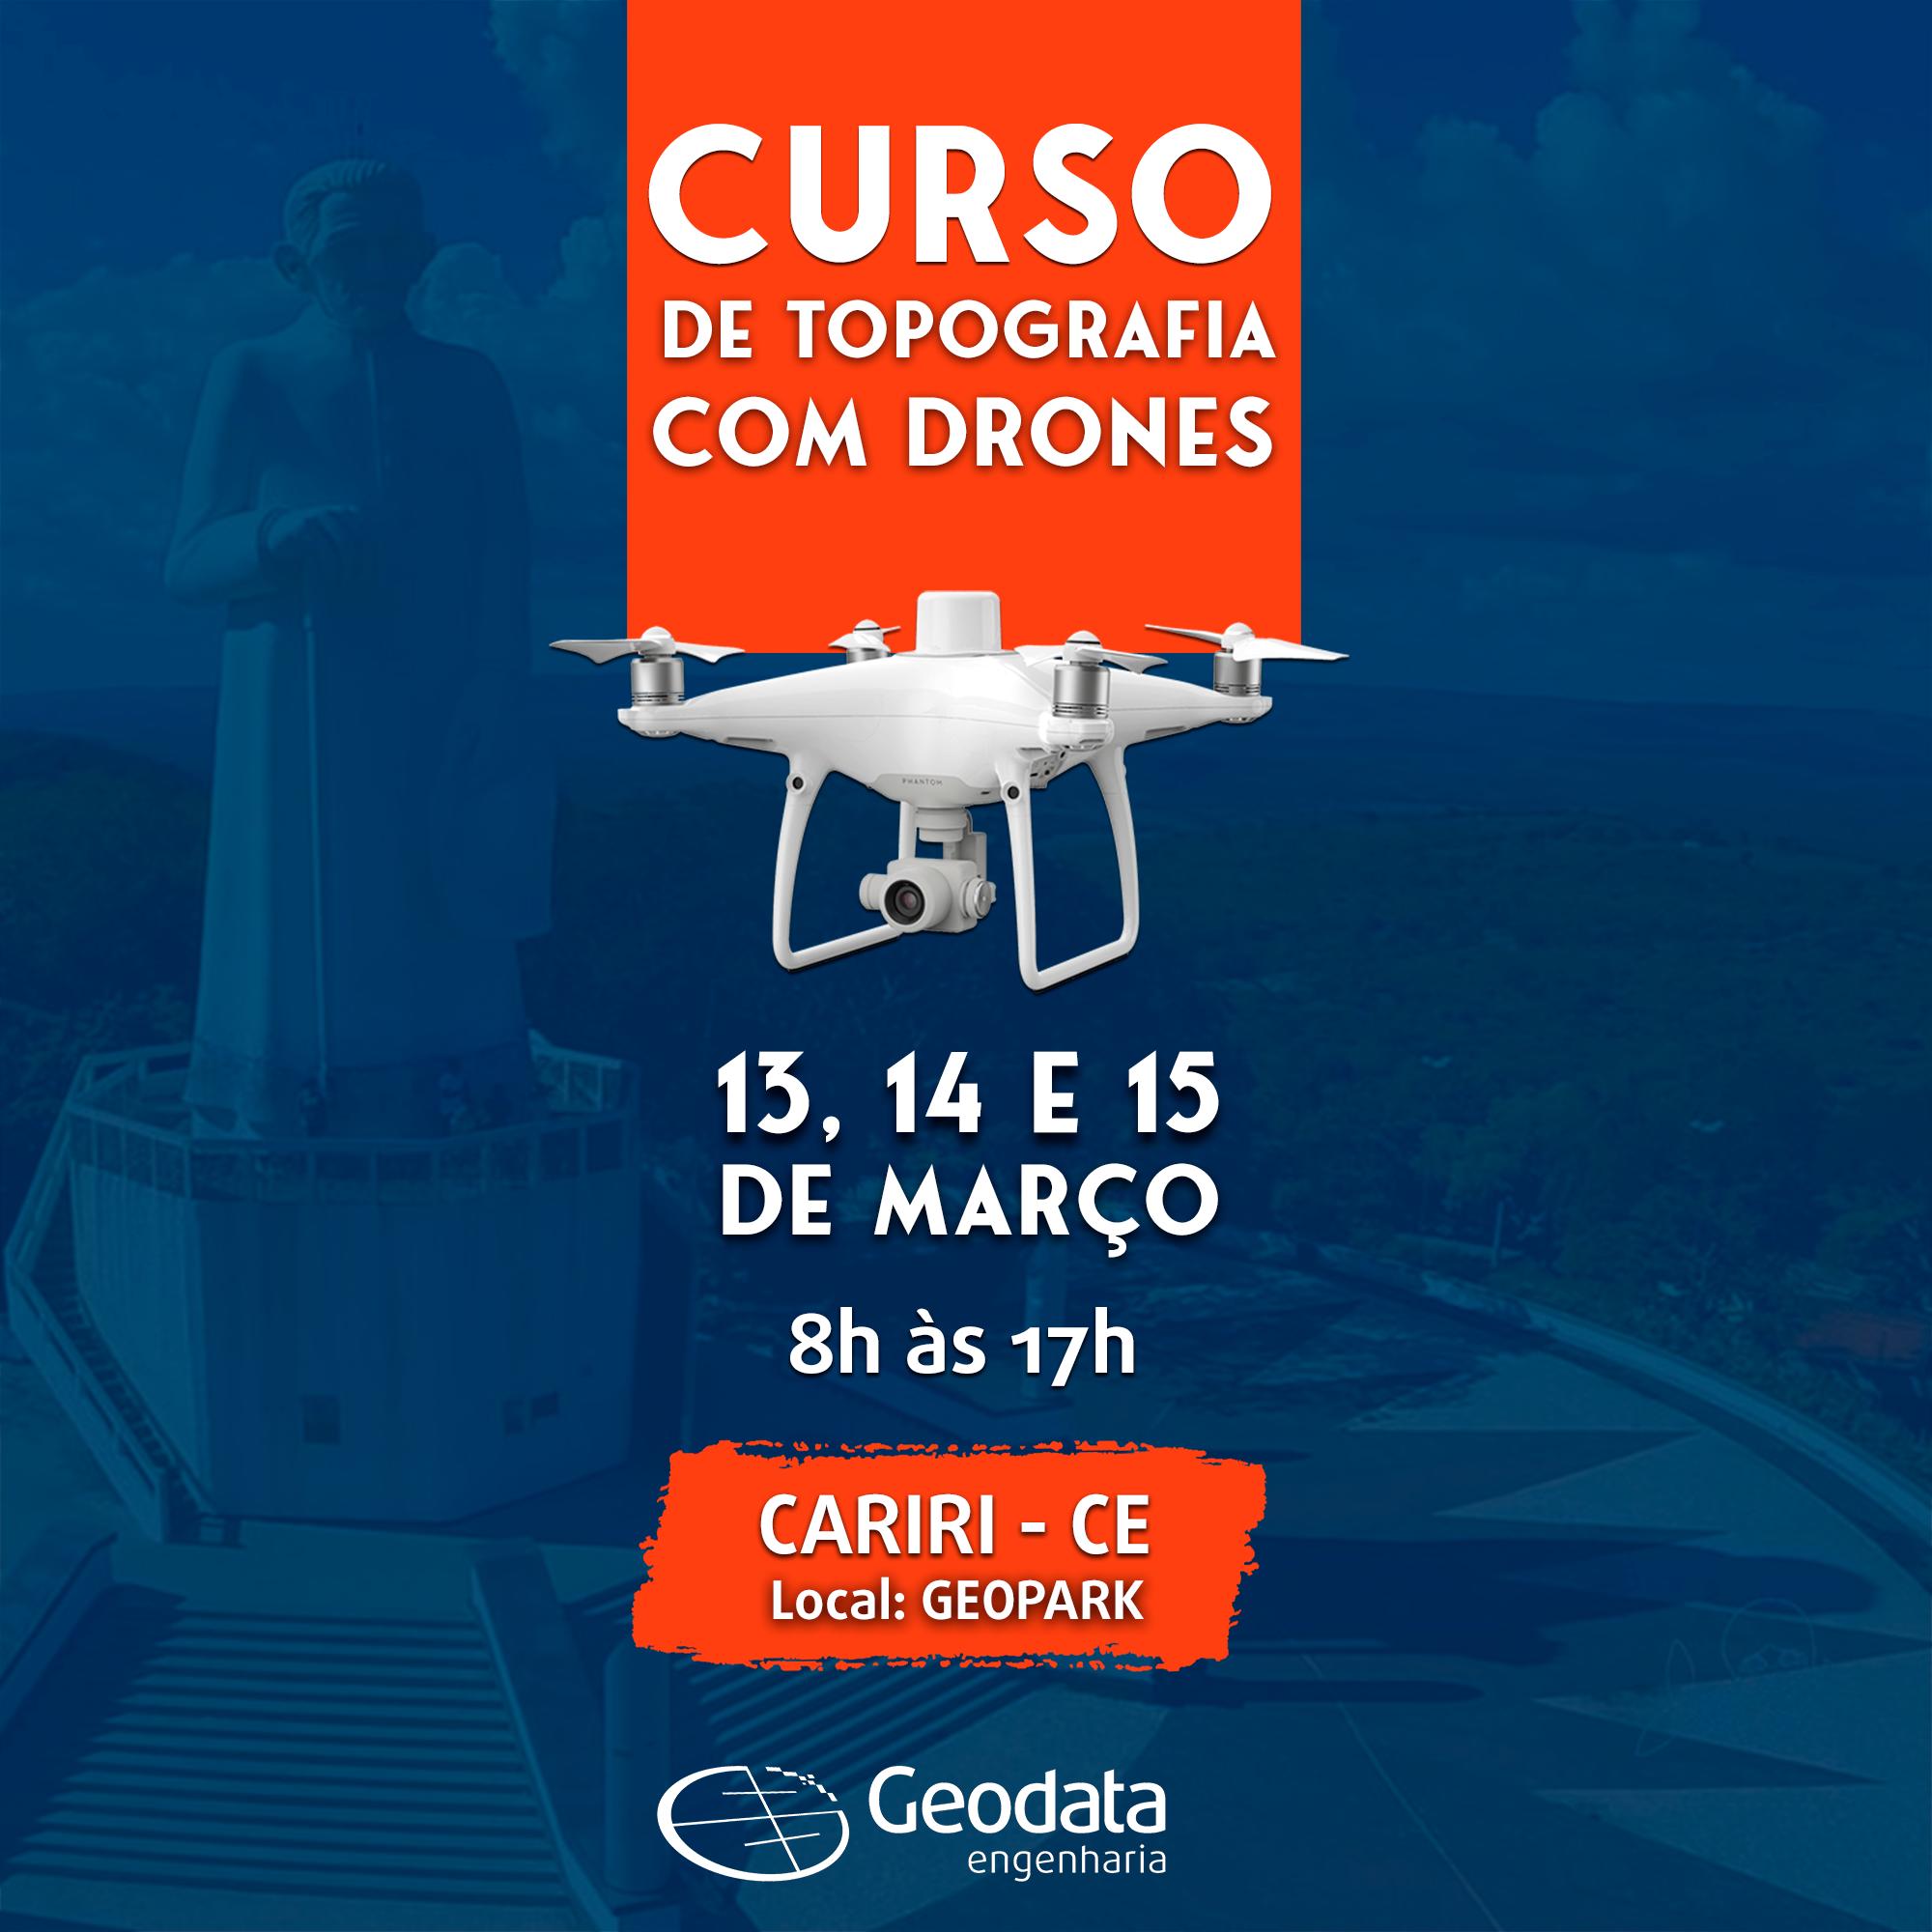 Março: Curso de Topografia com Drones